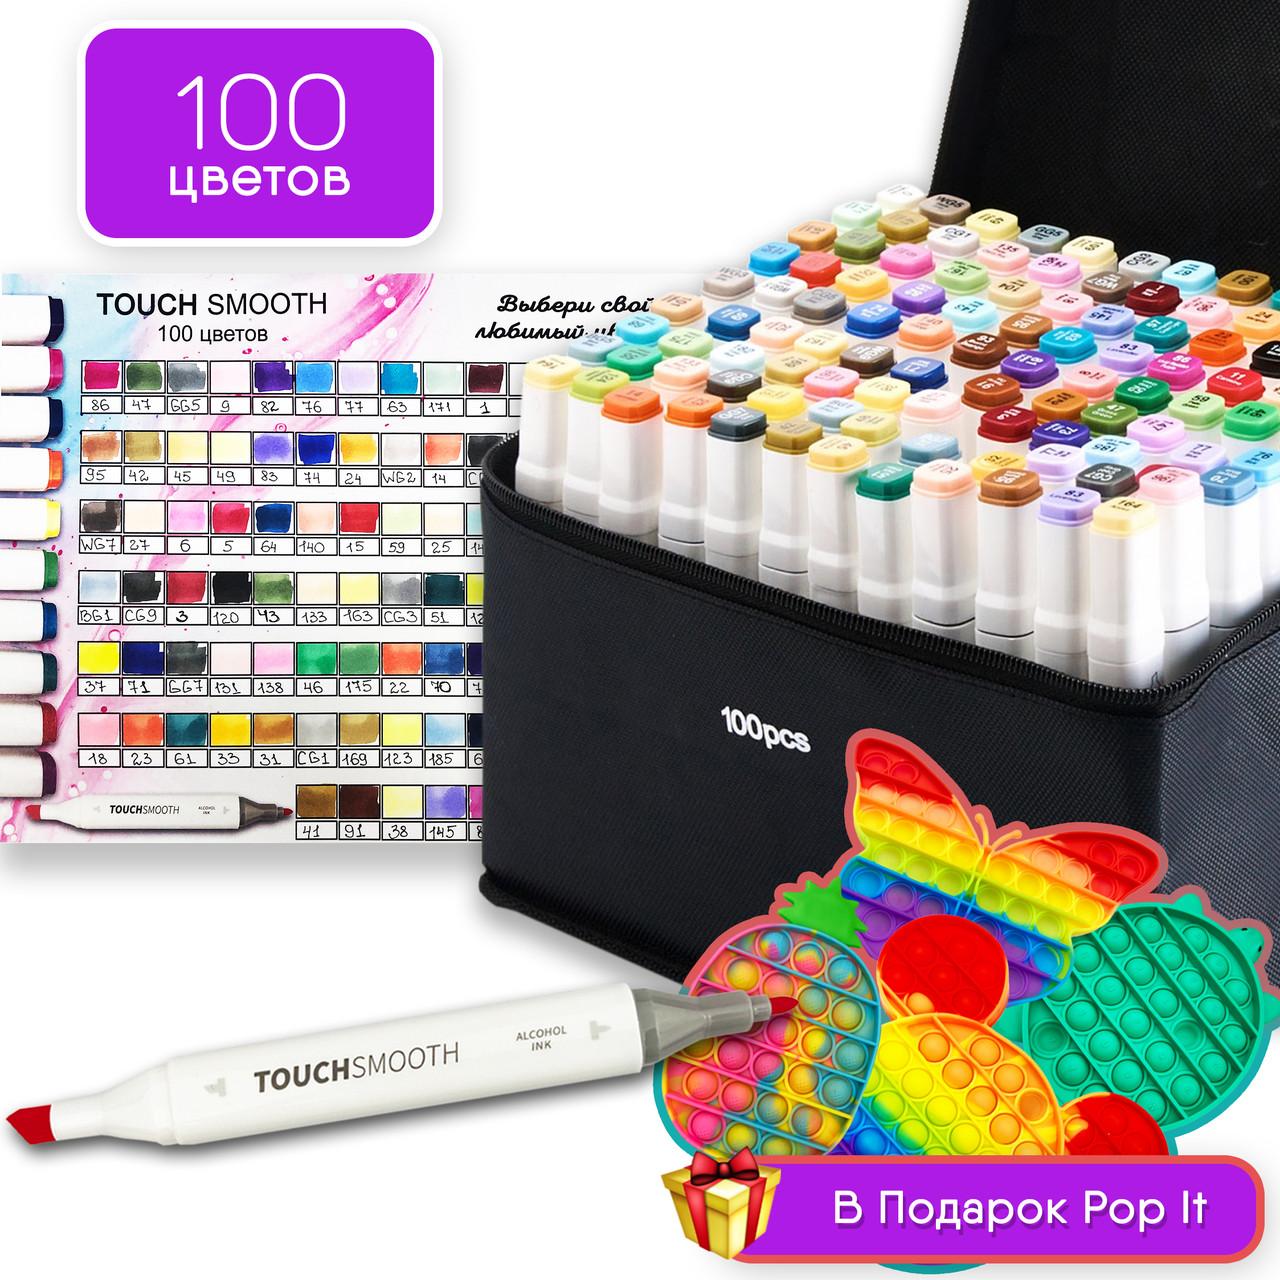 Набор двусторонних маркеров Touch Smooth для рисования и скетчинга 100 шт + ПОП ИТ